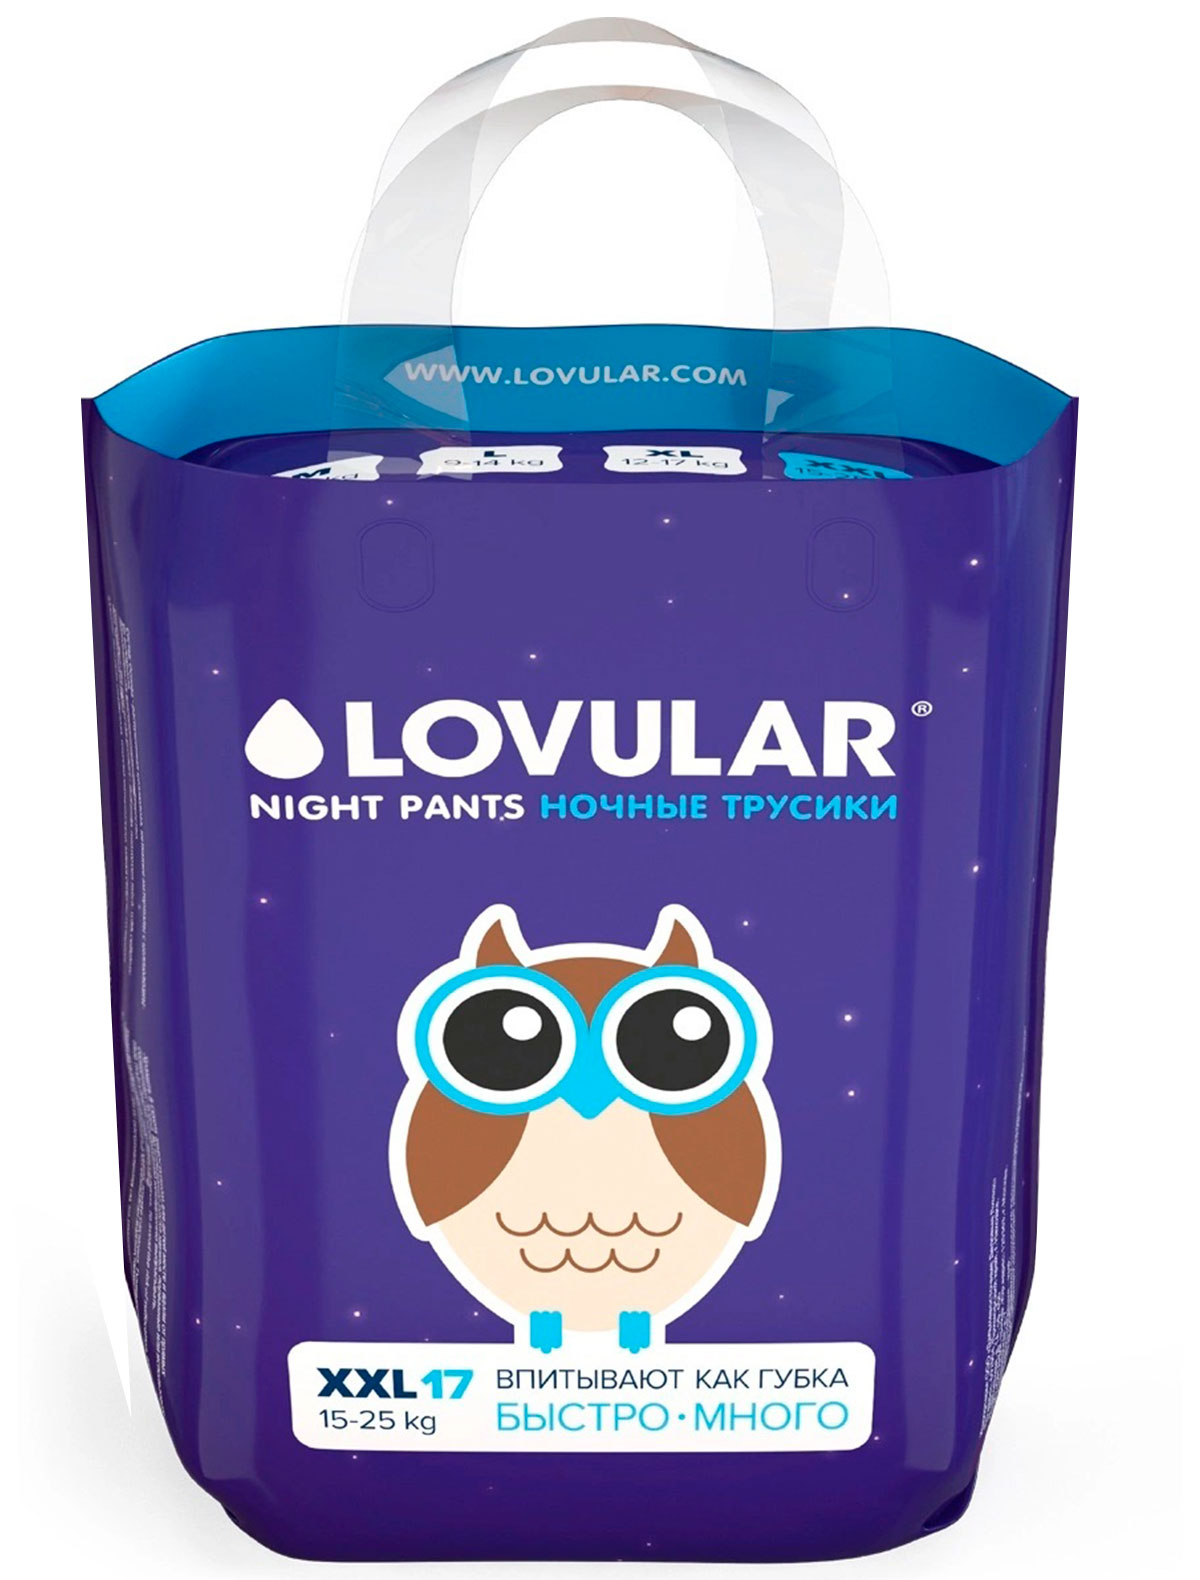 Подгузники Lovular 2218556 белого цвета